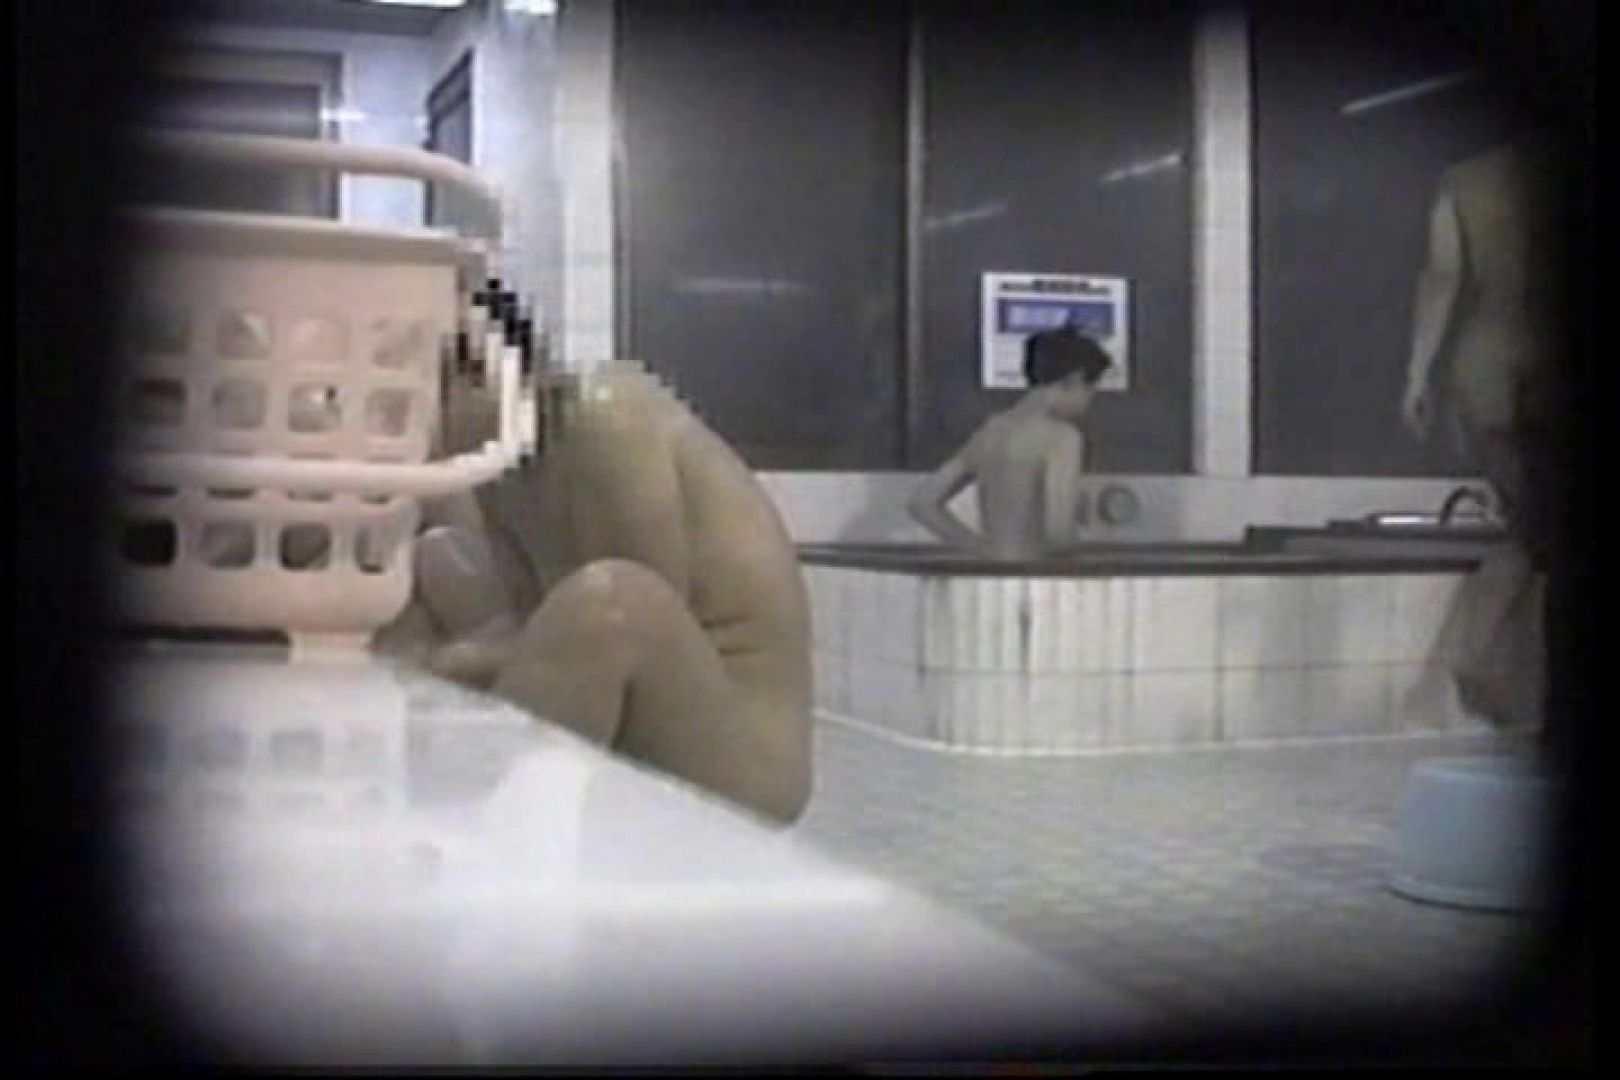 洗面器にカメラを仕込んで洗い場内を移動盗撮 TK-131 盗撮  68pic 54